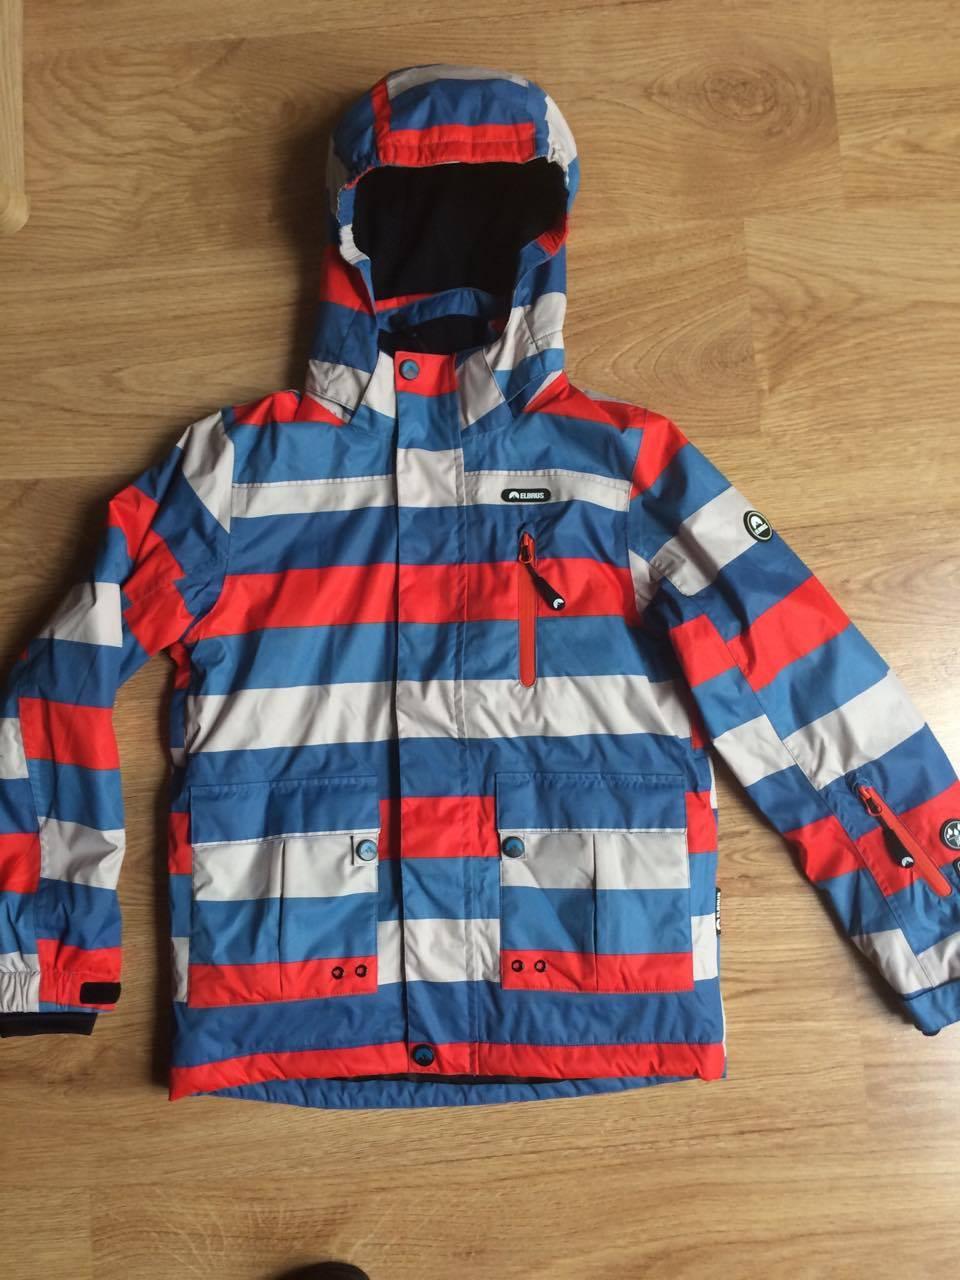 482b58a7af0a1 Kurtka narciarska Elbrus 140 stan idealny - 7066861271 - oficjalne ...